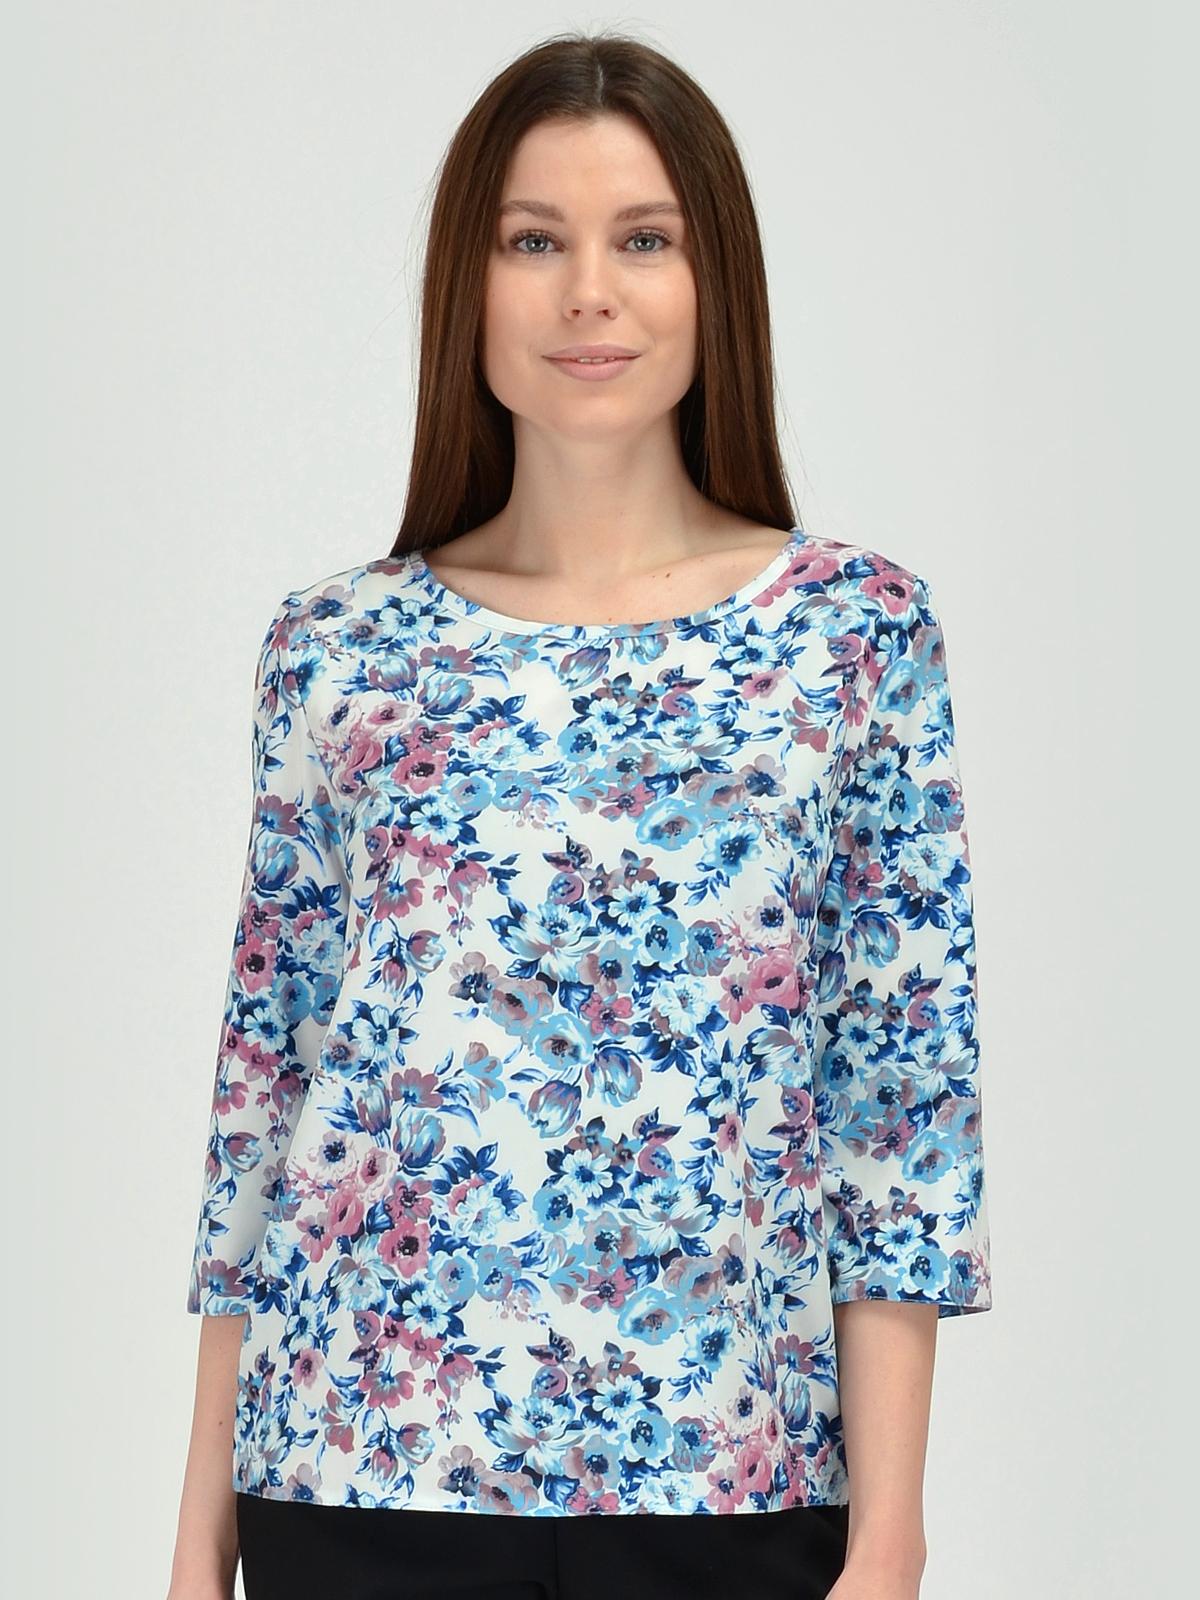 Купить Блузка женская из текстиля, МОСМЕХА, серо-голубой, 5600222